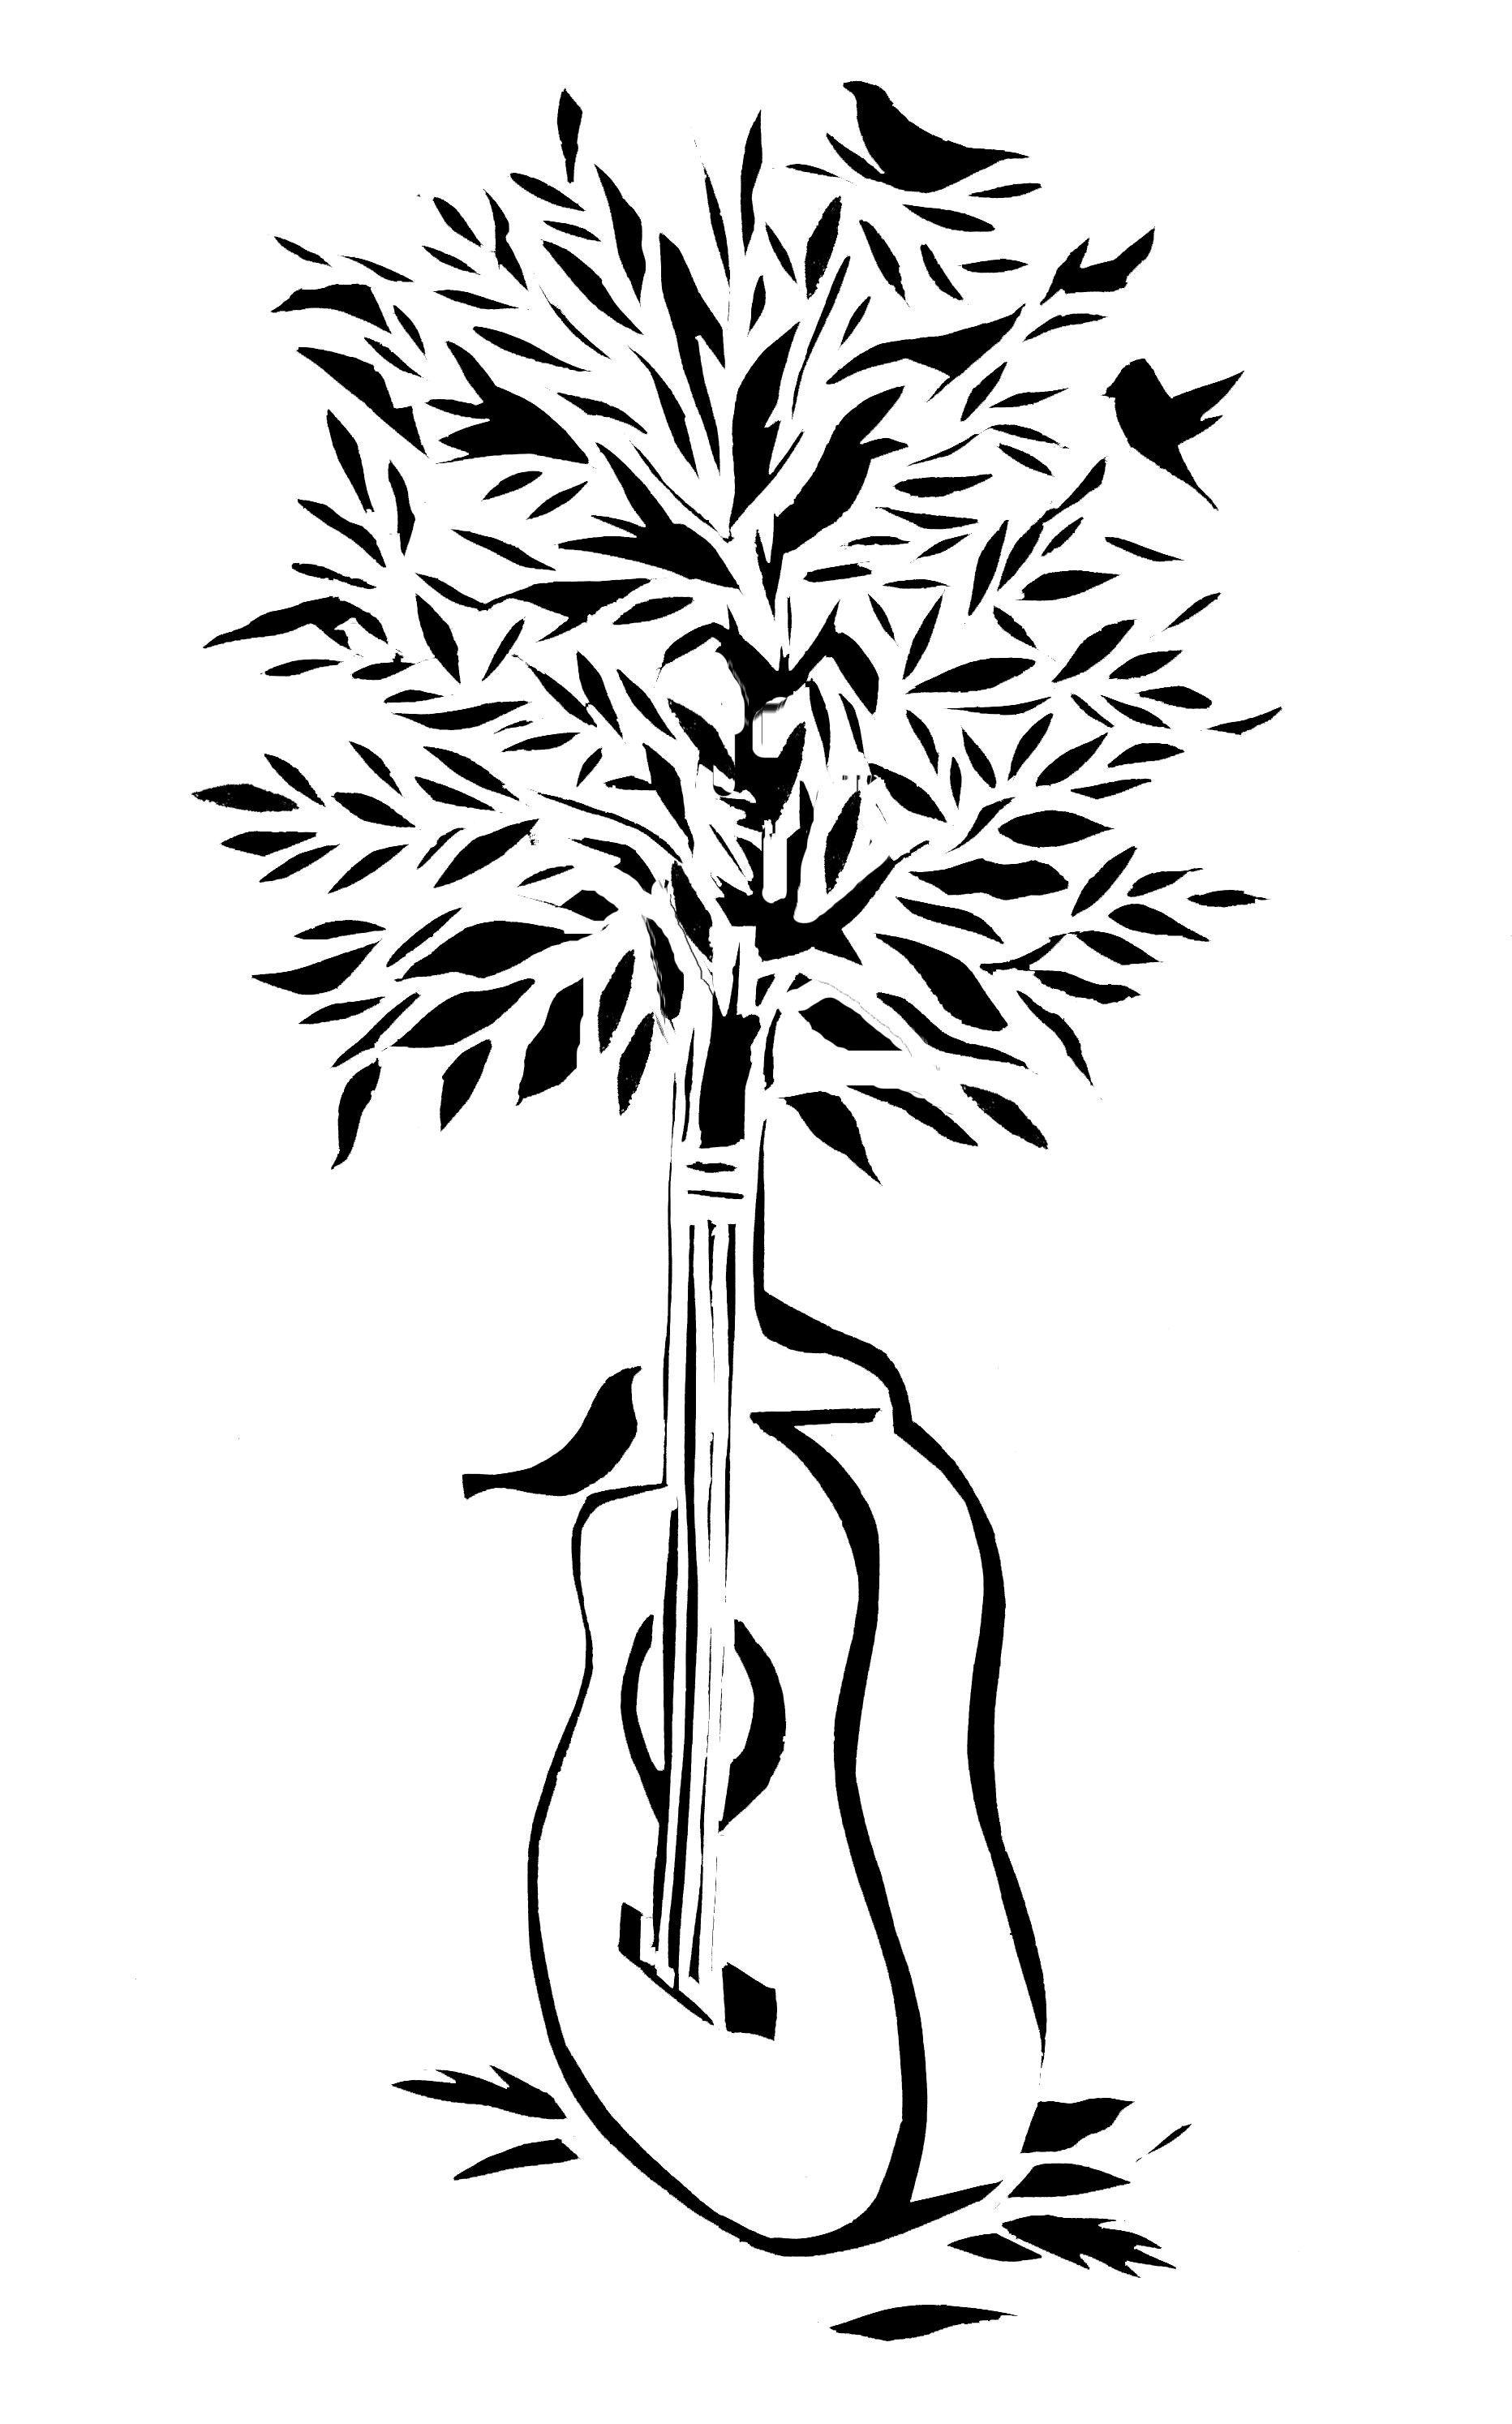 Guitar Tree Scherenschnitte By Kellie Cox wwwkelliecox